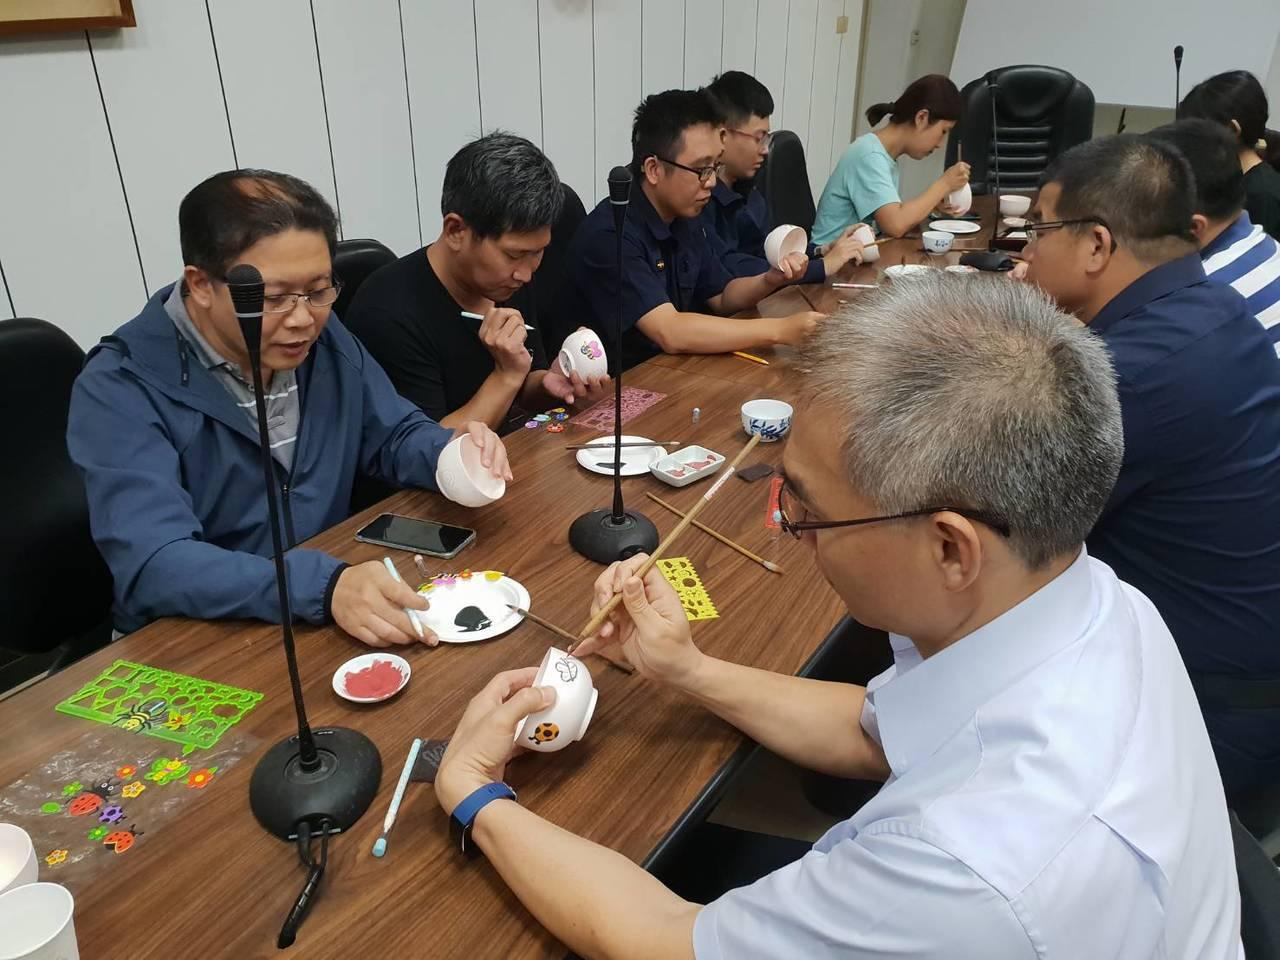 楊梅警分局慶祝警察節,下午舉辦陶瓷彩繪活動。記者鄭國樑/翻攝